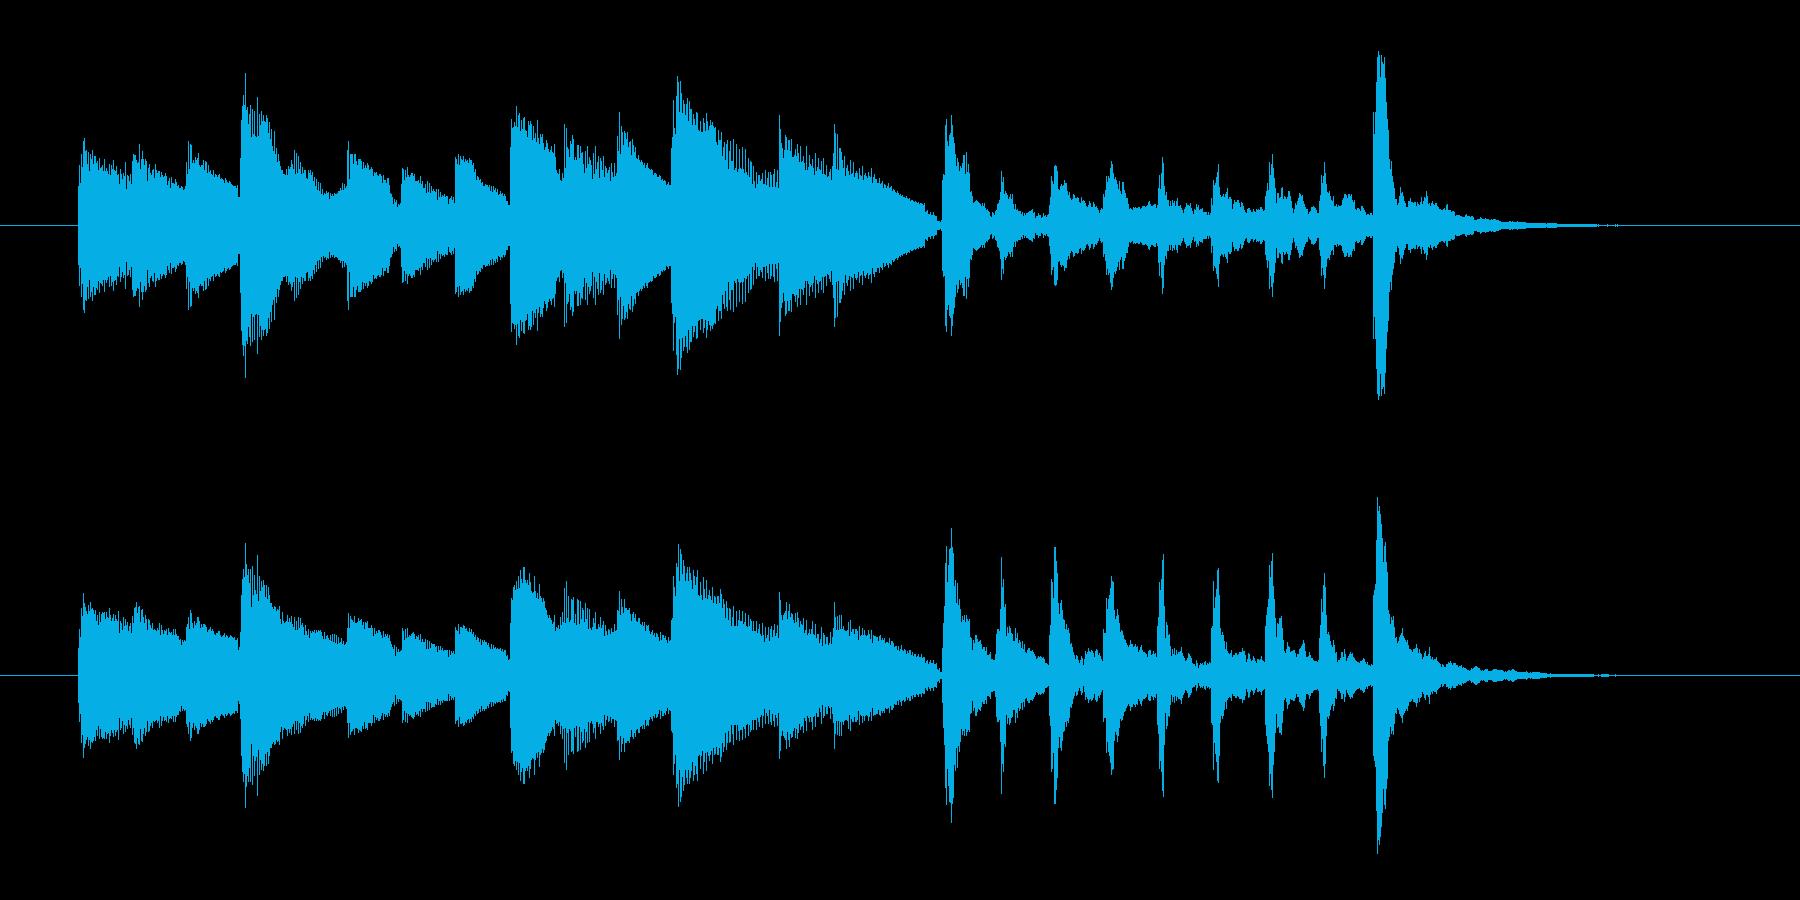 オルゴールのような優しいメロディのポップの再生済みの波形